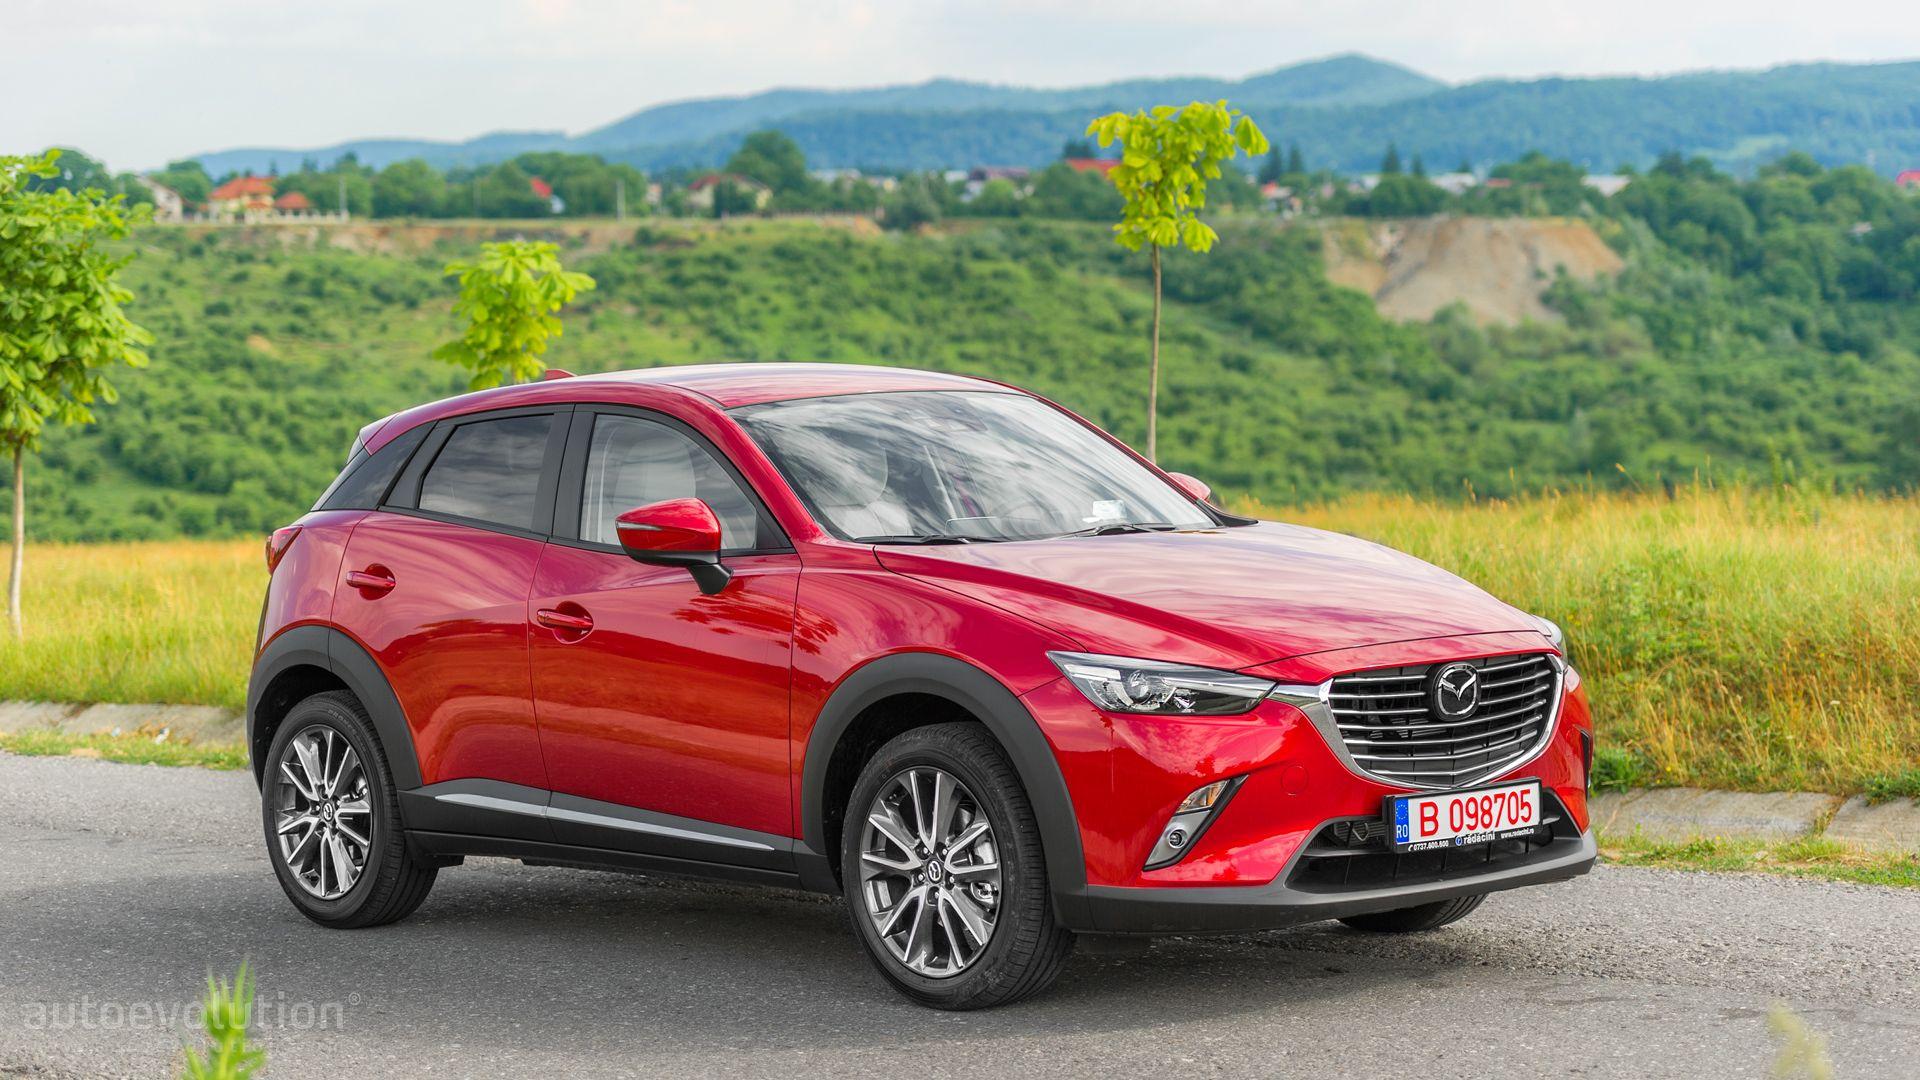 2015 Mazda Cx 3 Review Autoevolution